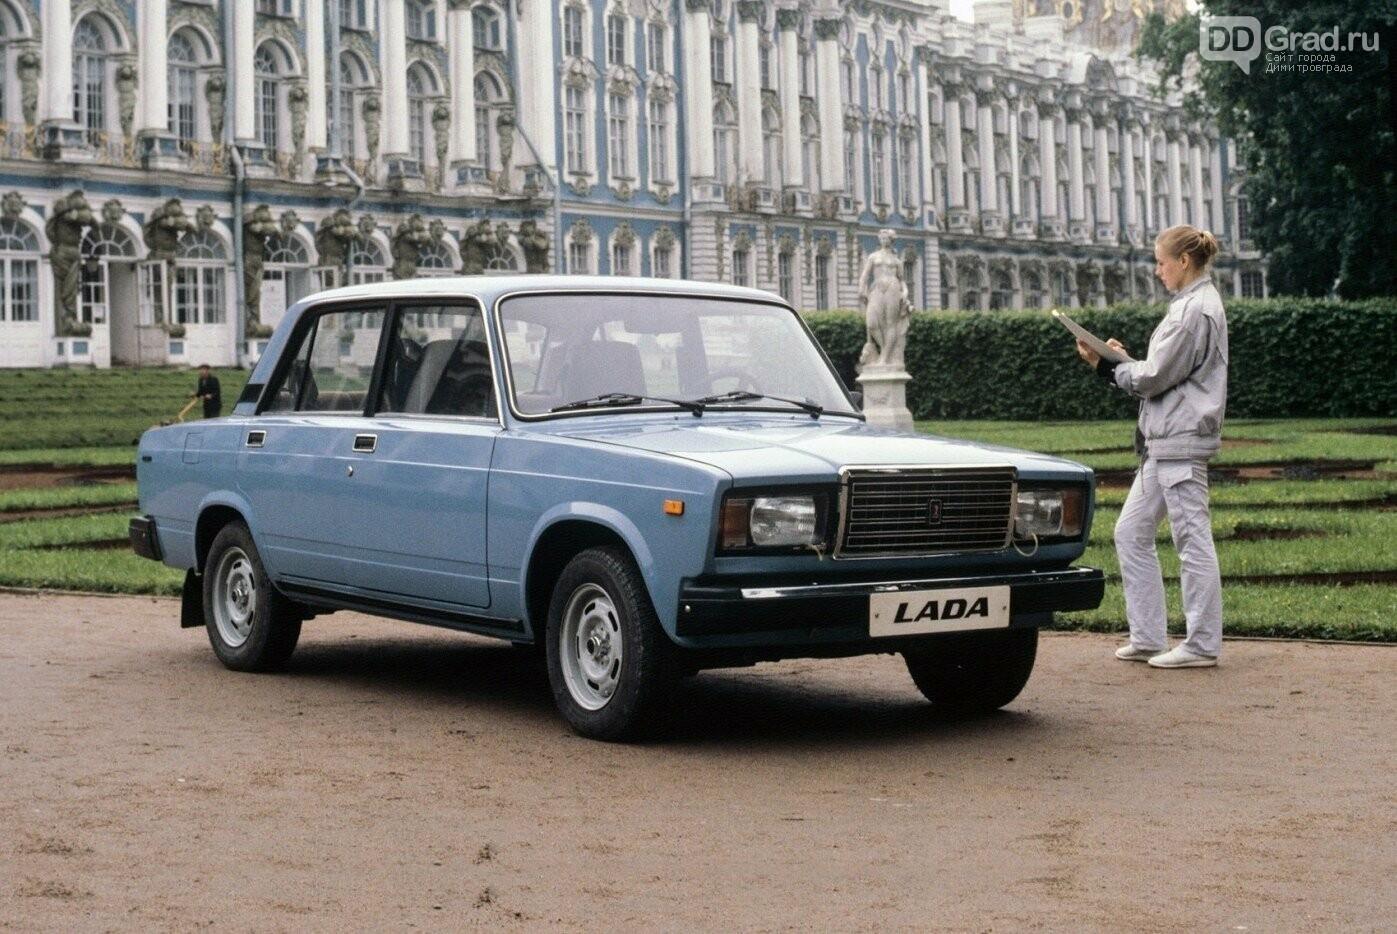 Названы топ-10 самых распространённых автомобилей на российских дорогах, фото-1